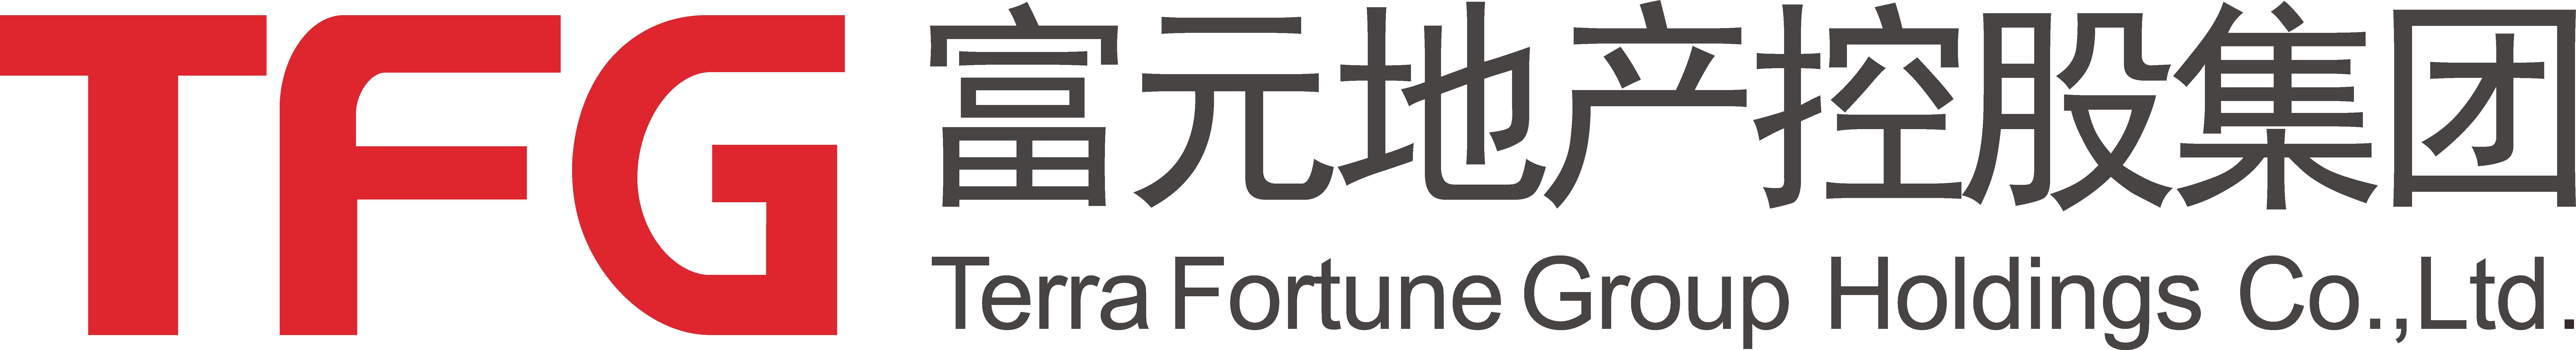 中山富元控股集團有限公司 _國際人才網_job001.cn